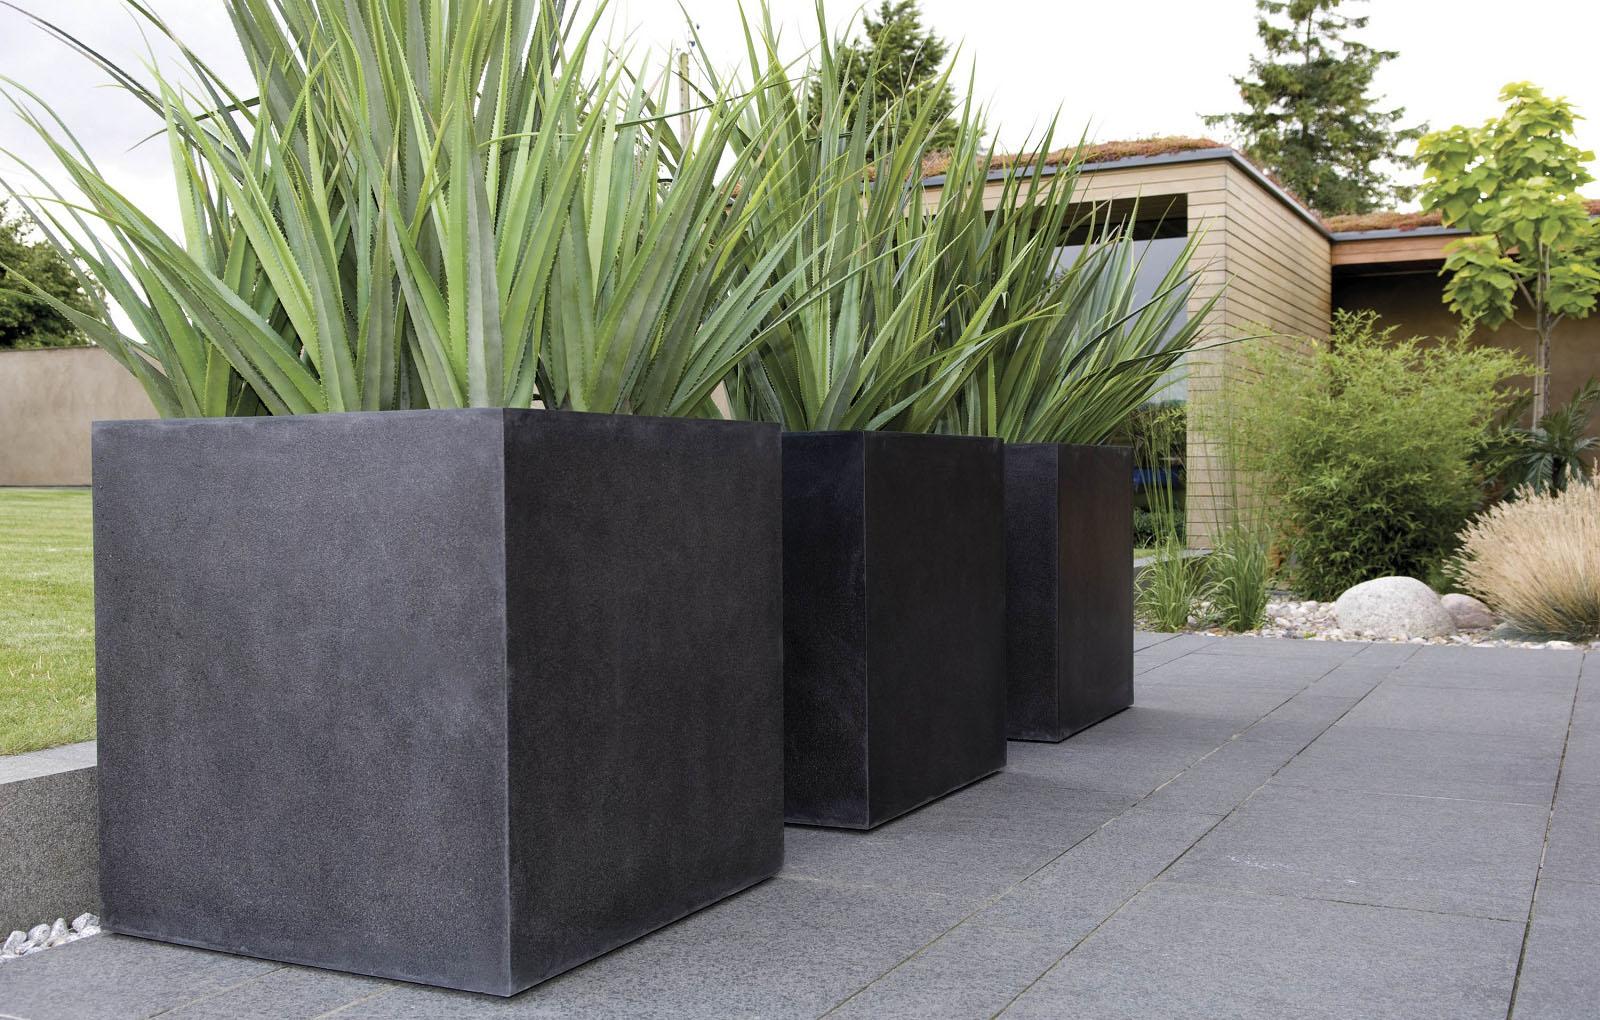 Уличные вазоны для цветов, выполненные из бетона, пользуются высоким спросом. Это объясняется их приятным внешним видом, разнообразием дизайна, стойкостью к атмосферным осадкам.